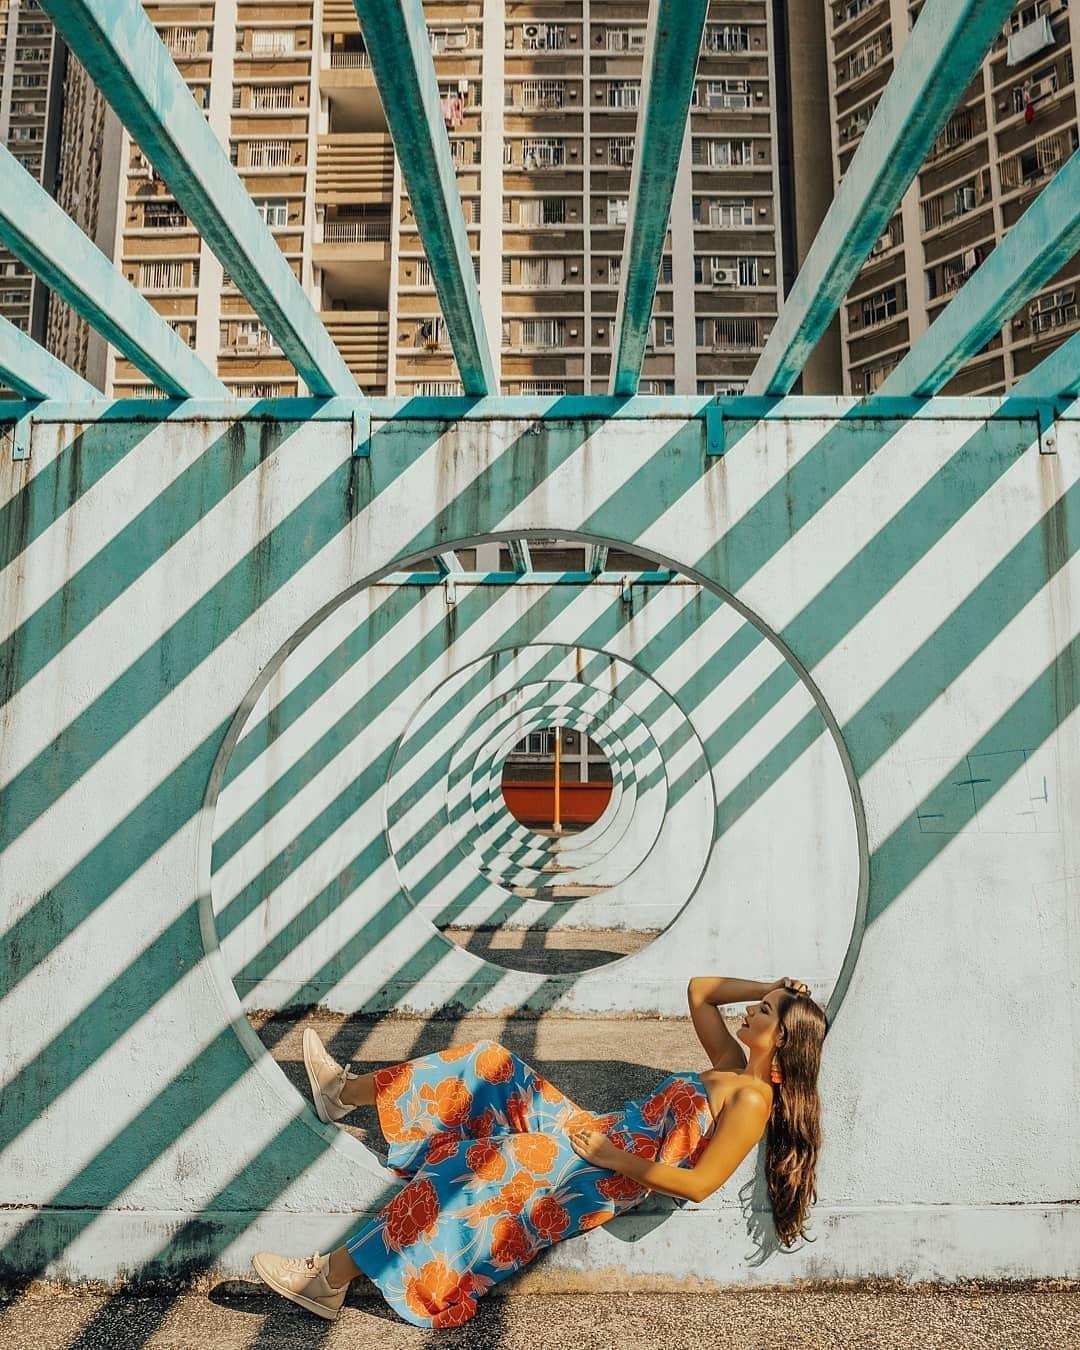 Bỏ túi ngay 8 điểm 'sống ảo' nổi tiếng ở Hong Kong, vị trí thứ 2 hot đến nỗi còn lọt vào top được check-in nhiều nhất trên Instagram! - Ảnh 31.